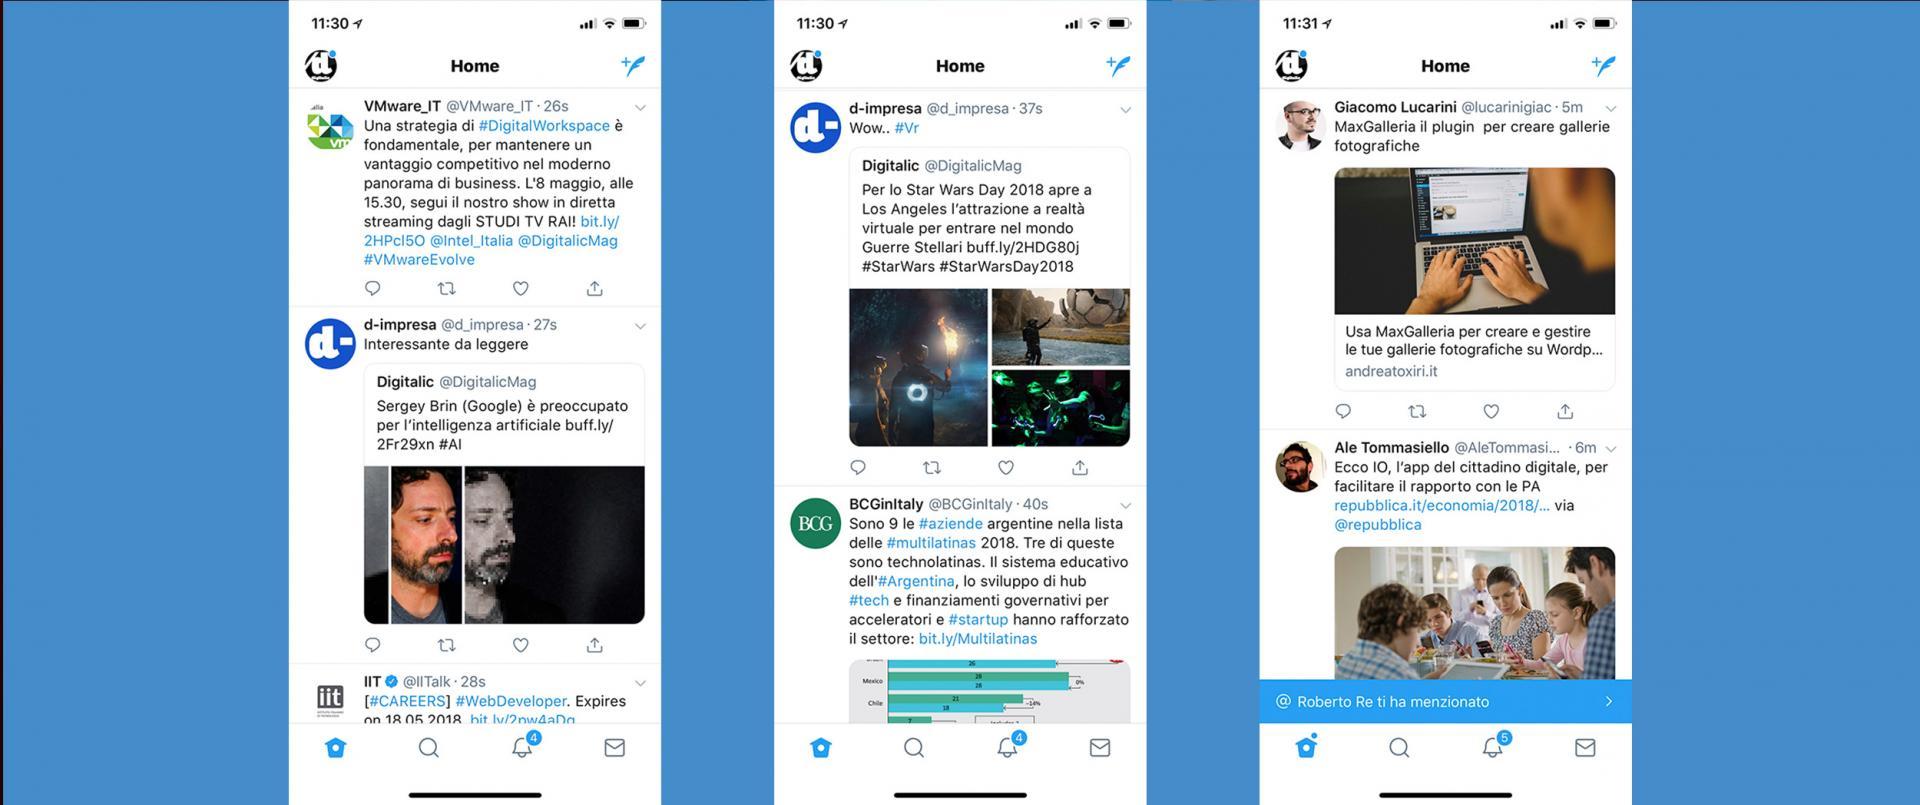 Twitter: nuova timeline che raggruppa i tweet sulla stessa notizia